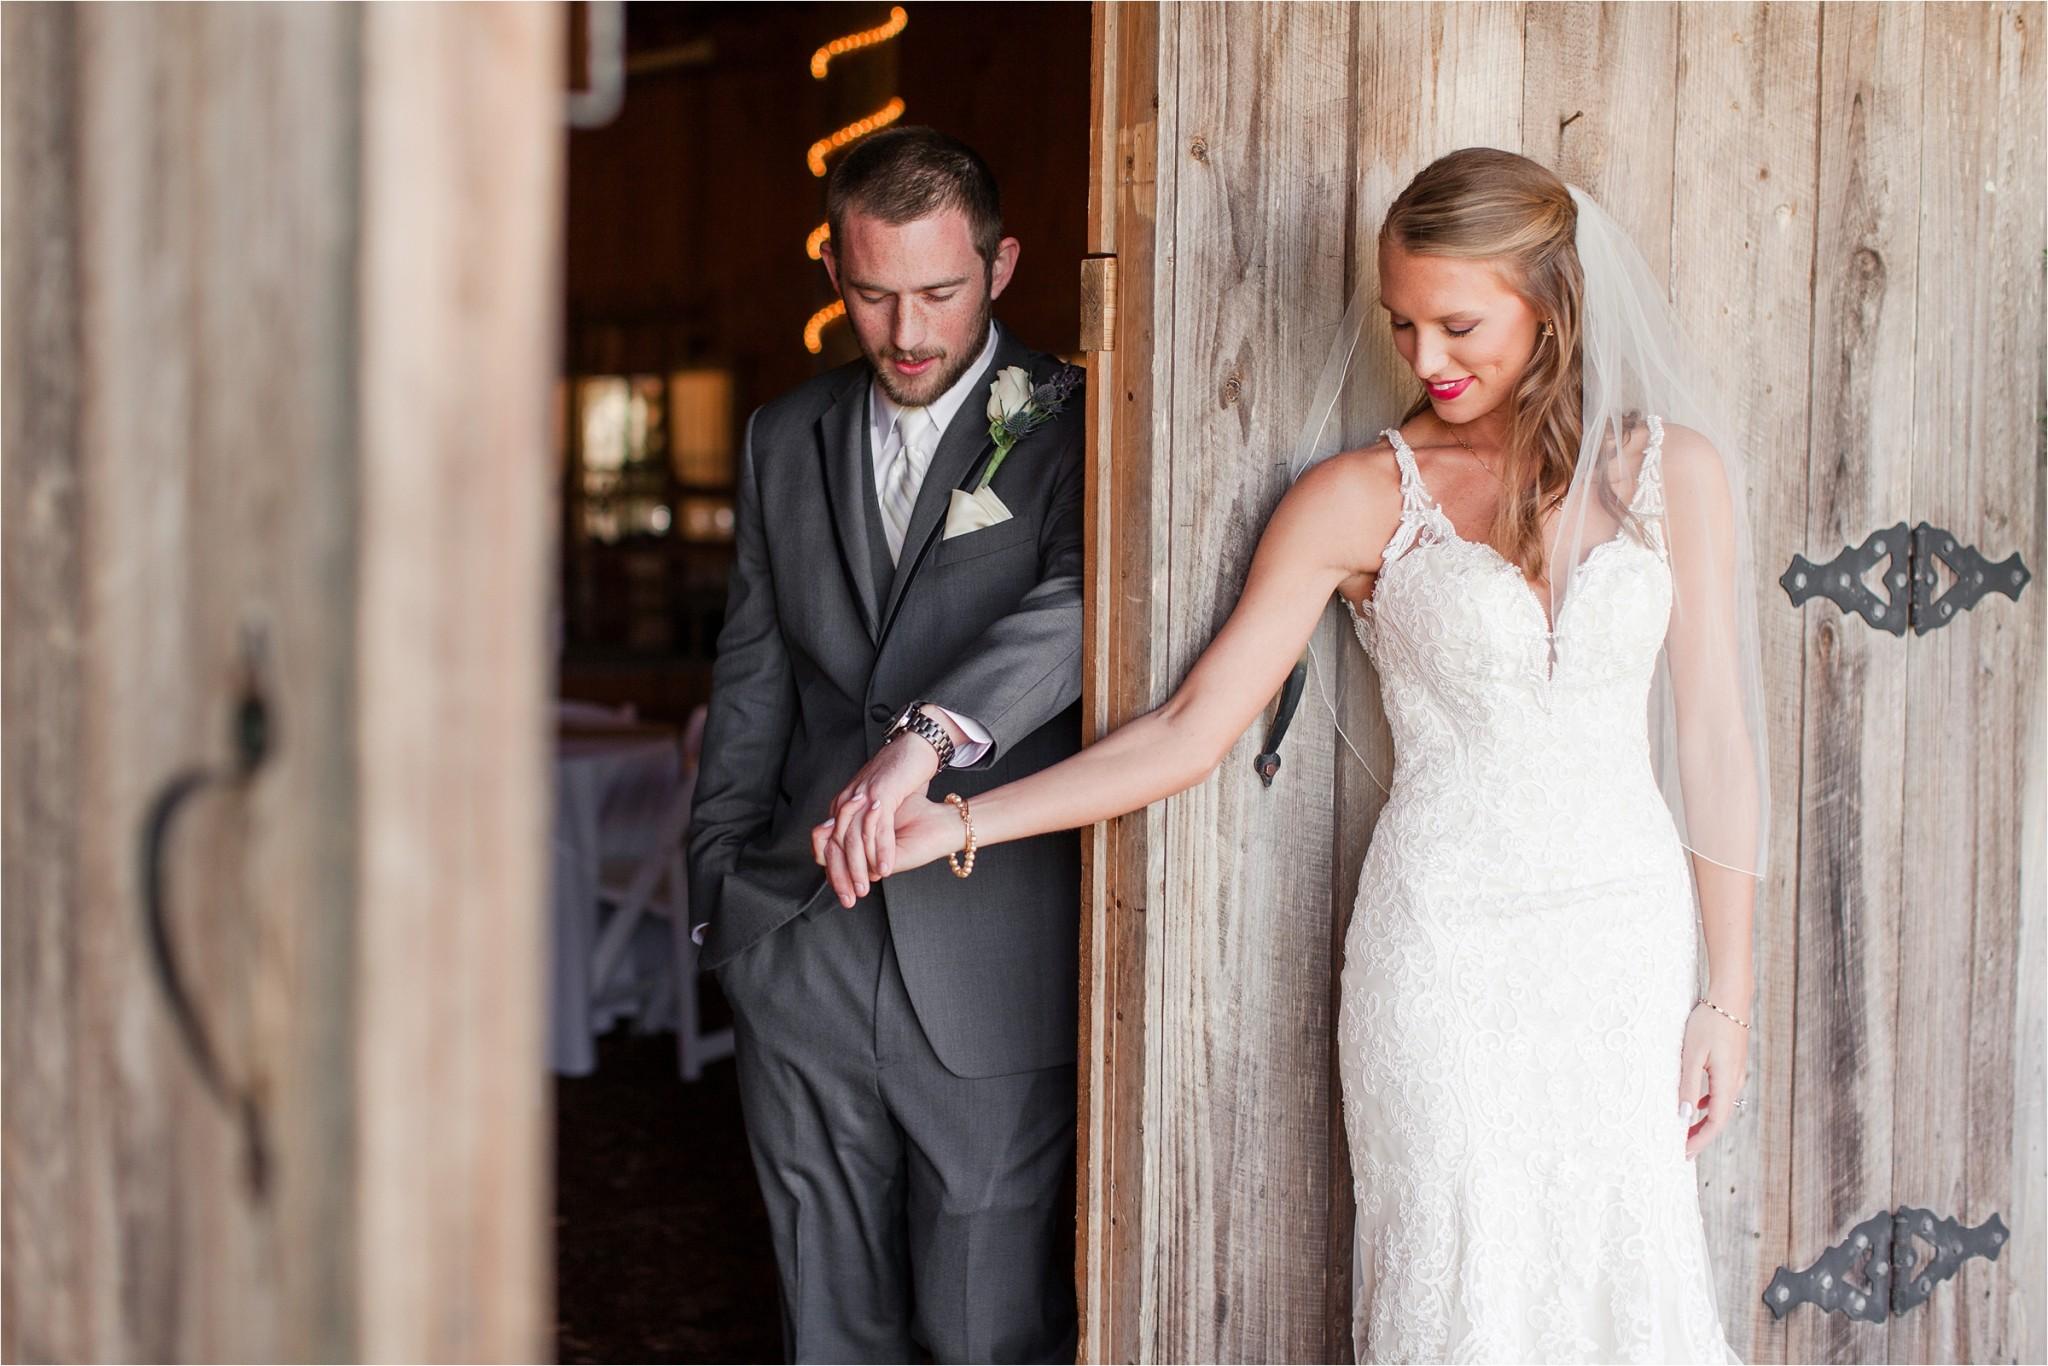 Lewis_Oak_Hollow_Wedding_Fairhope_AL_0053